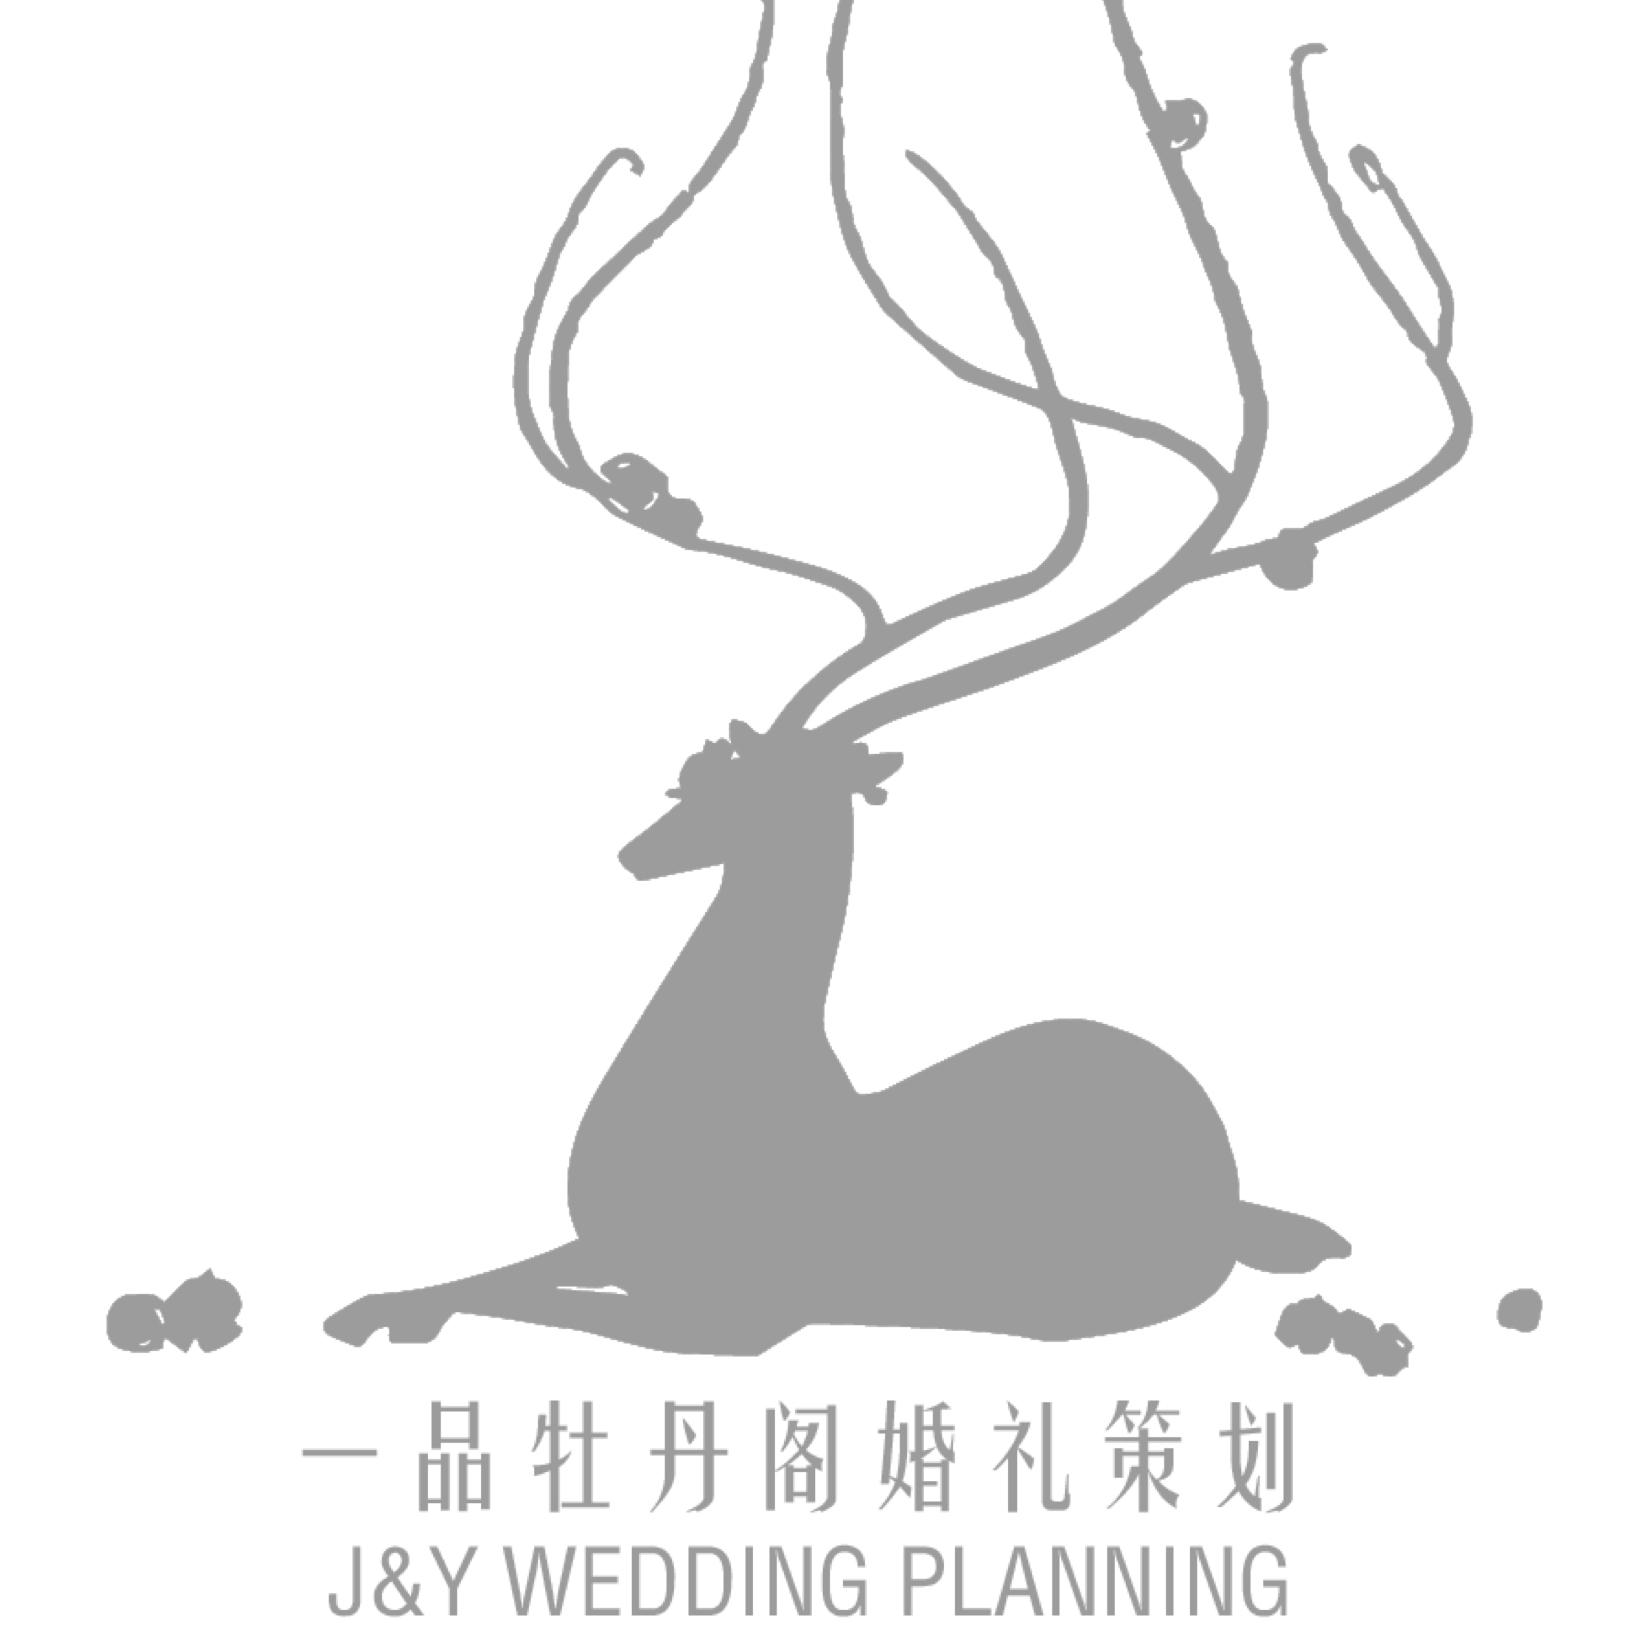 一品牡丹阁婚礼策划中心